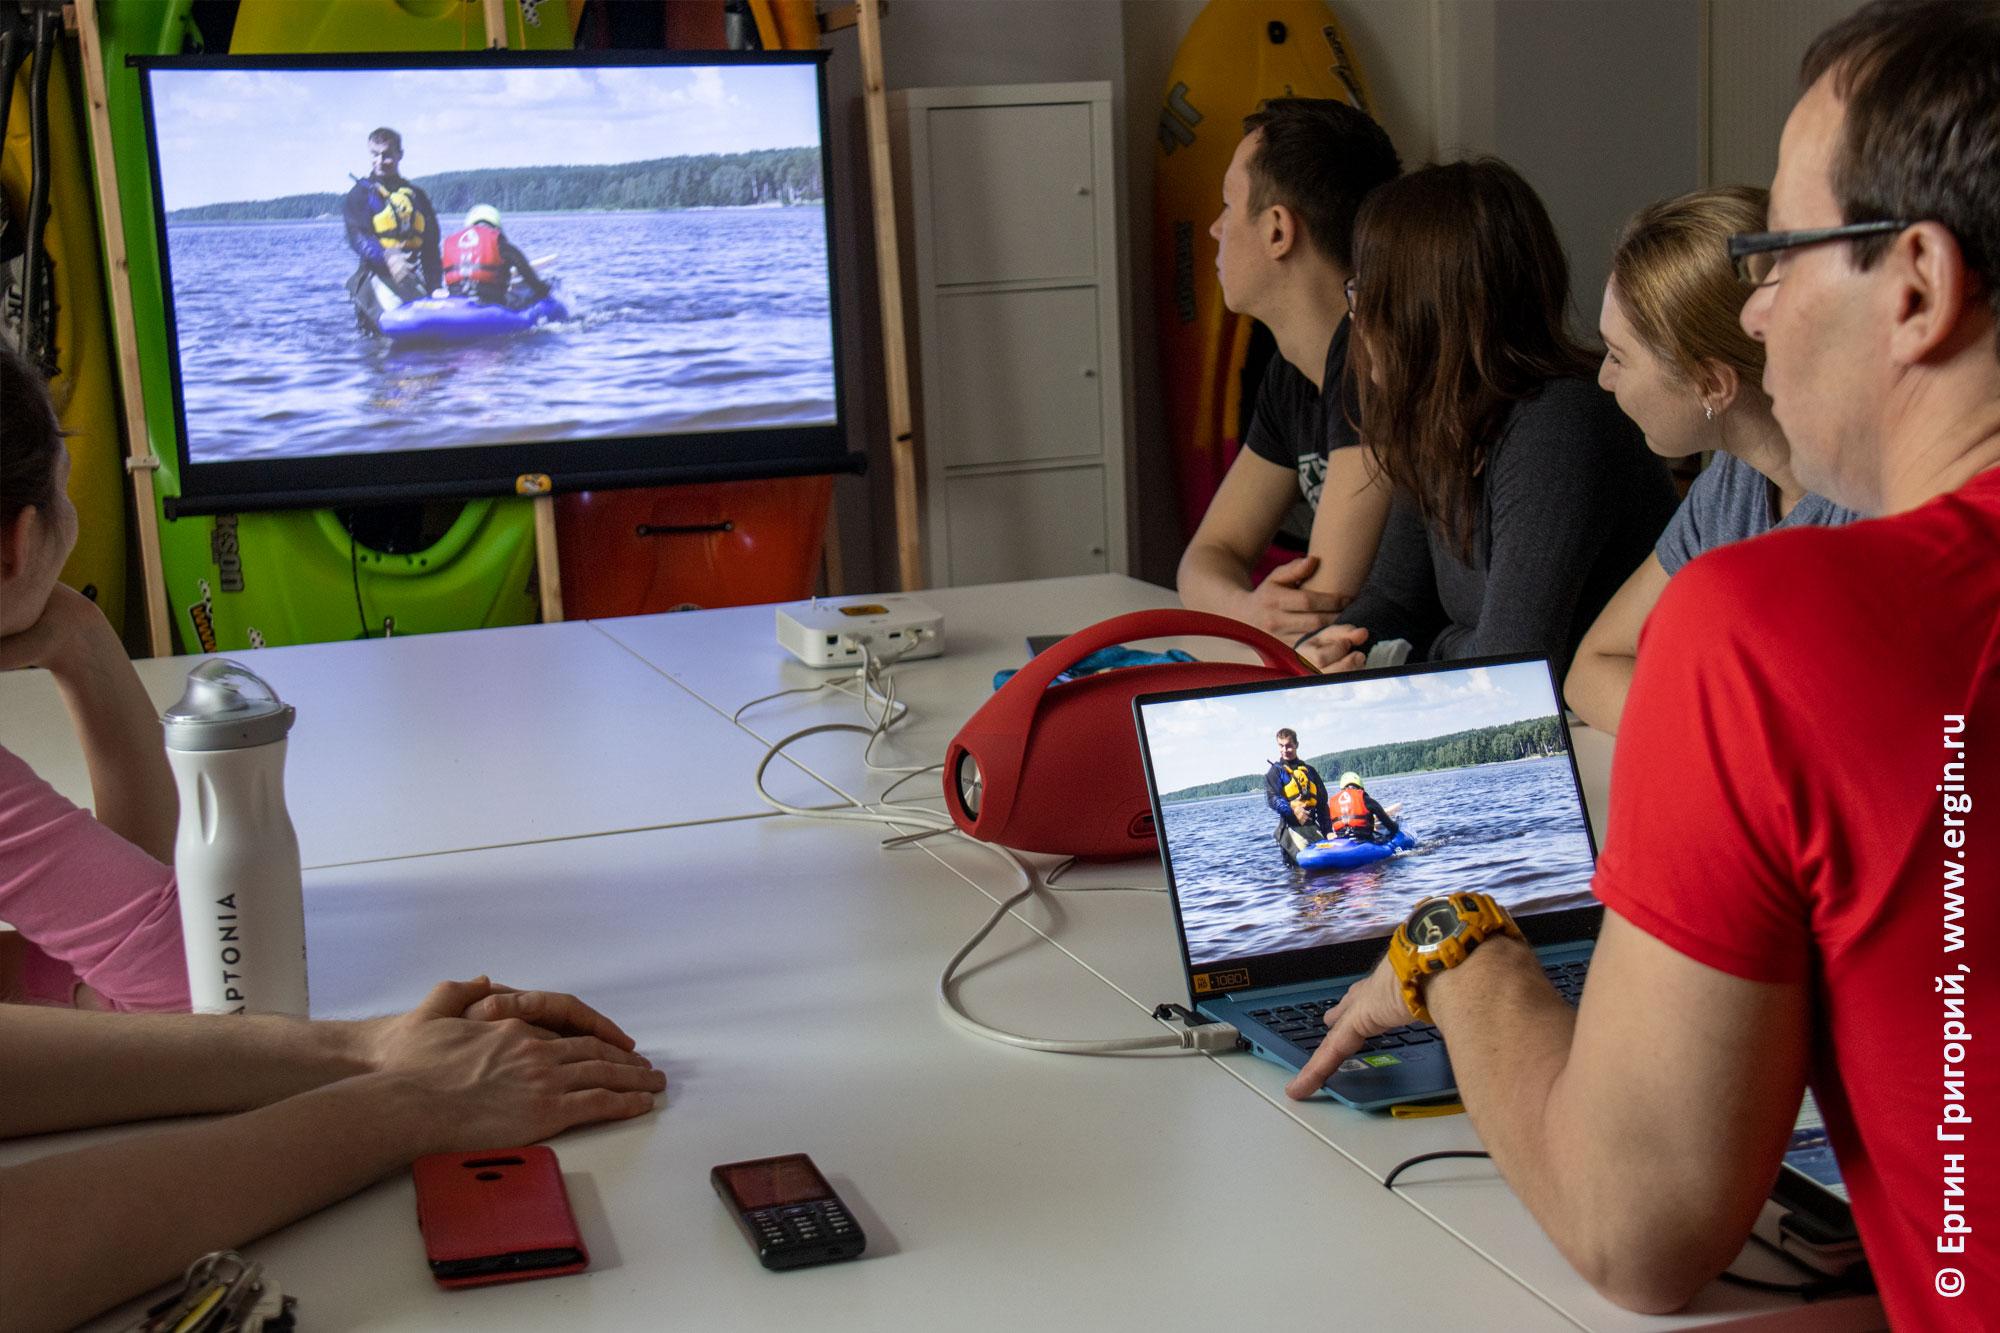 Видео семинара по эскимосскому перевороту